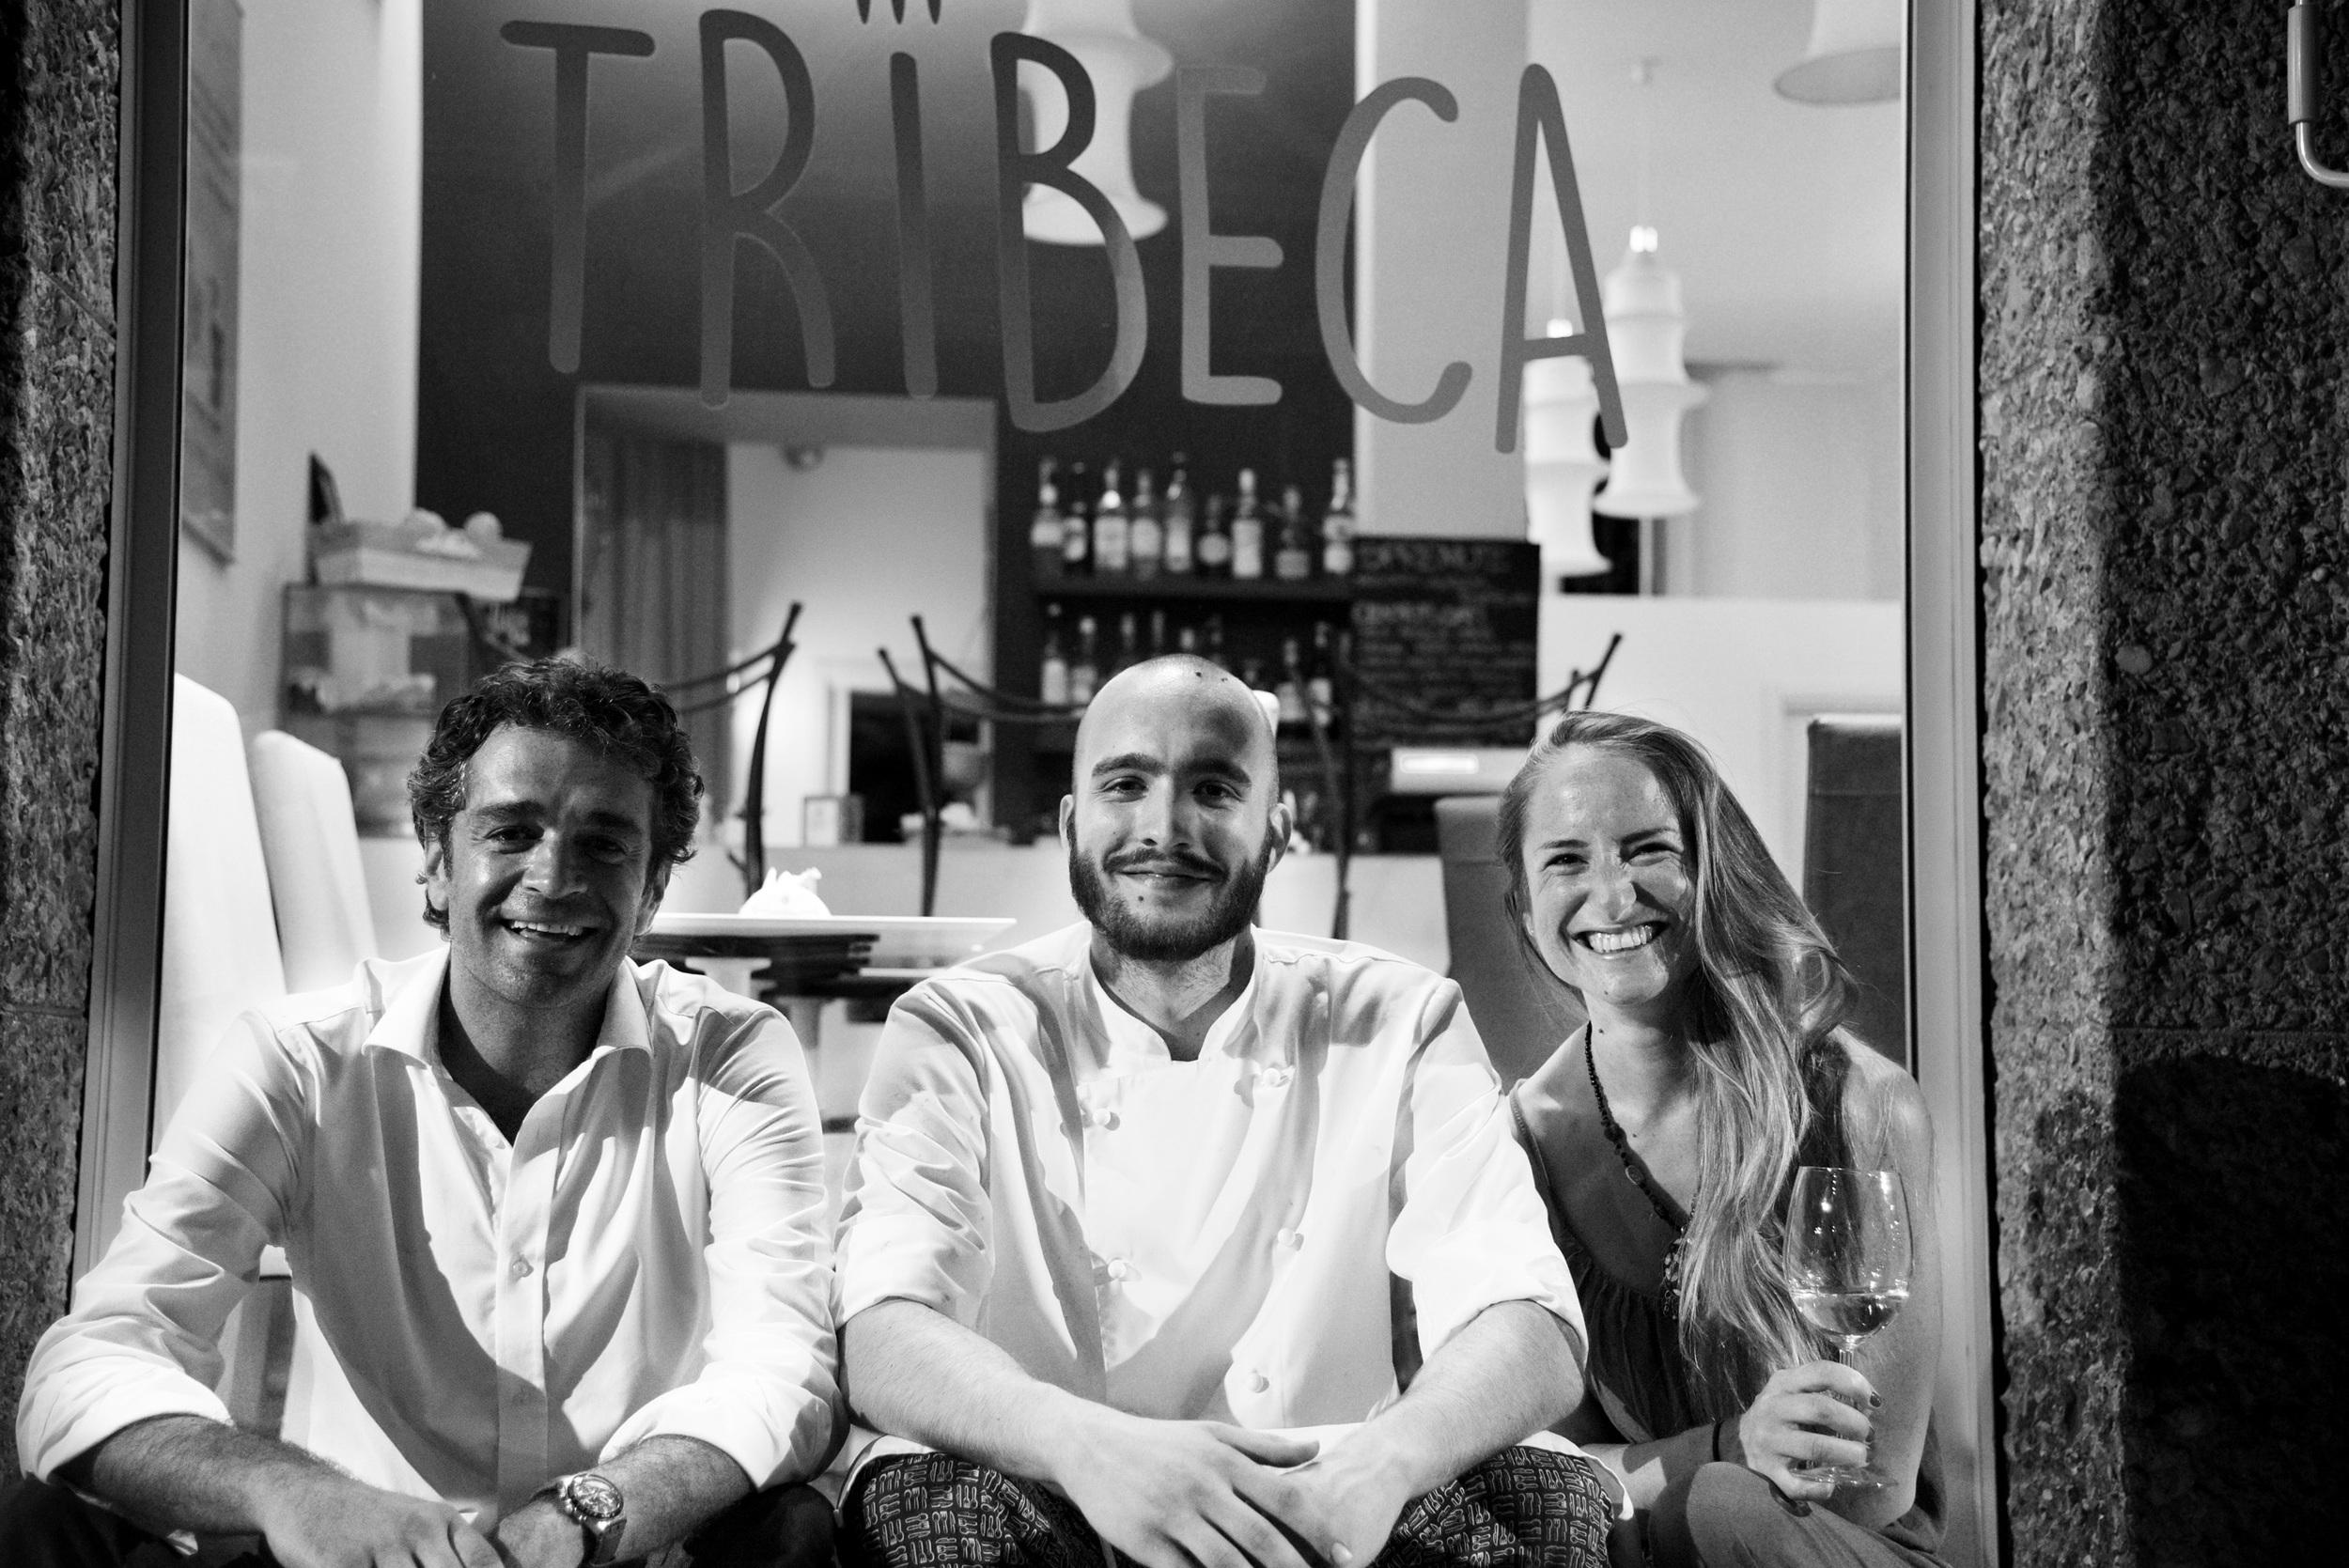 Filippo, Matteo e Giovanna davanti al Tribeca, un locale molto simpatico creato da Enrica Moro